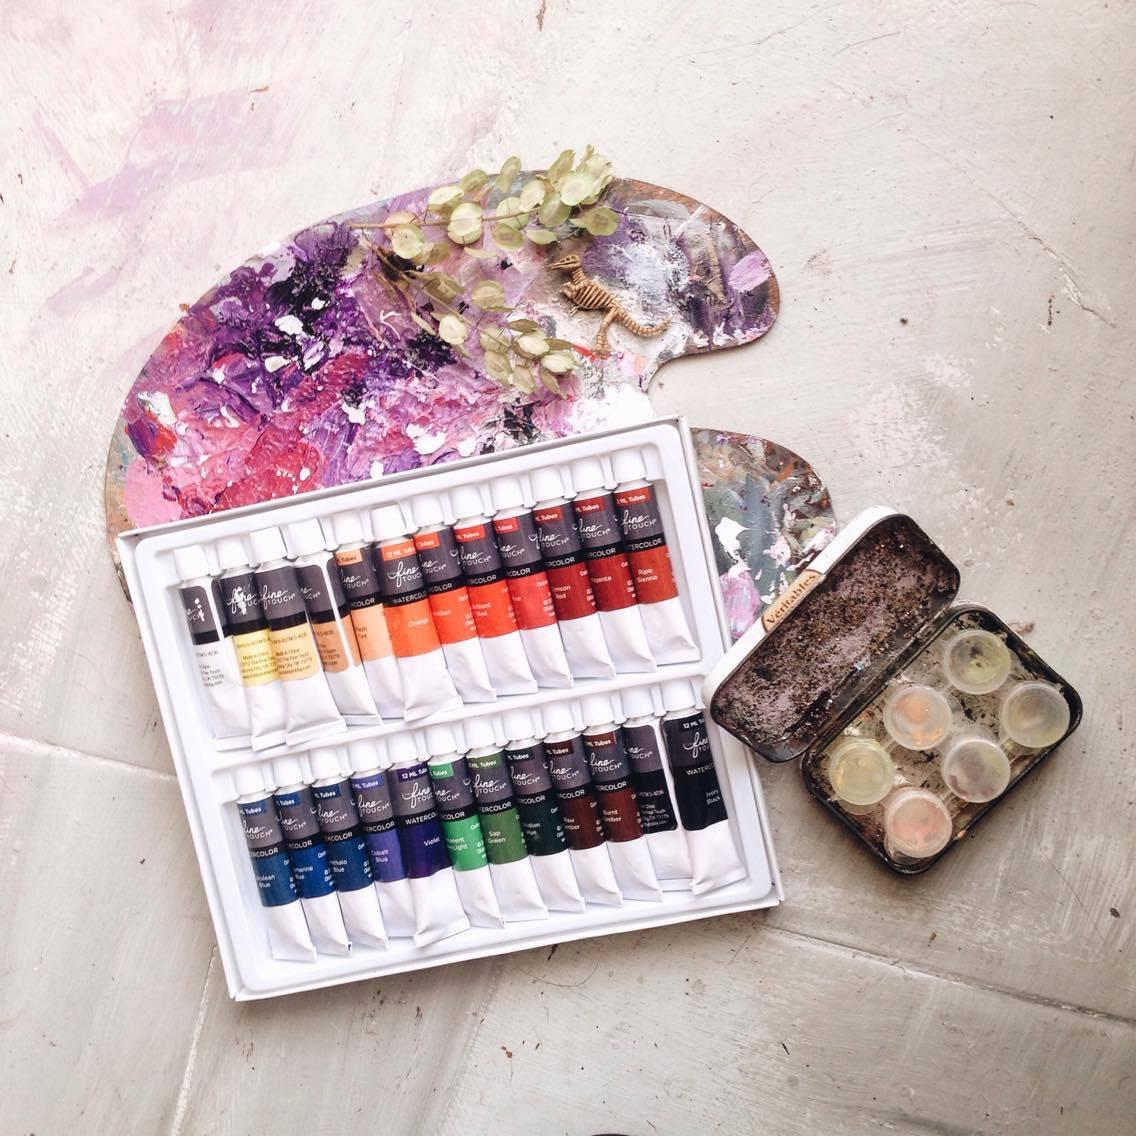 Actualmente pinto con Master's Touch,Fine Touch, Marie's y Winsor&Newton. (La cajita del lado, lo hice para guardar algunos colores y viajar pintando  ✿ )